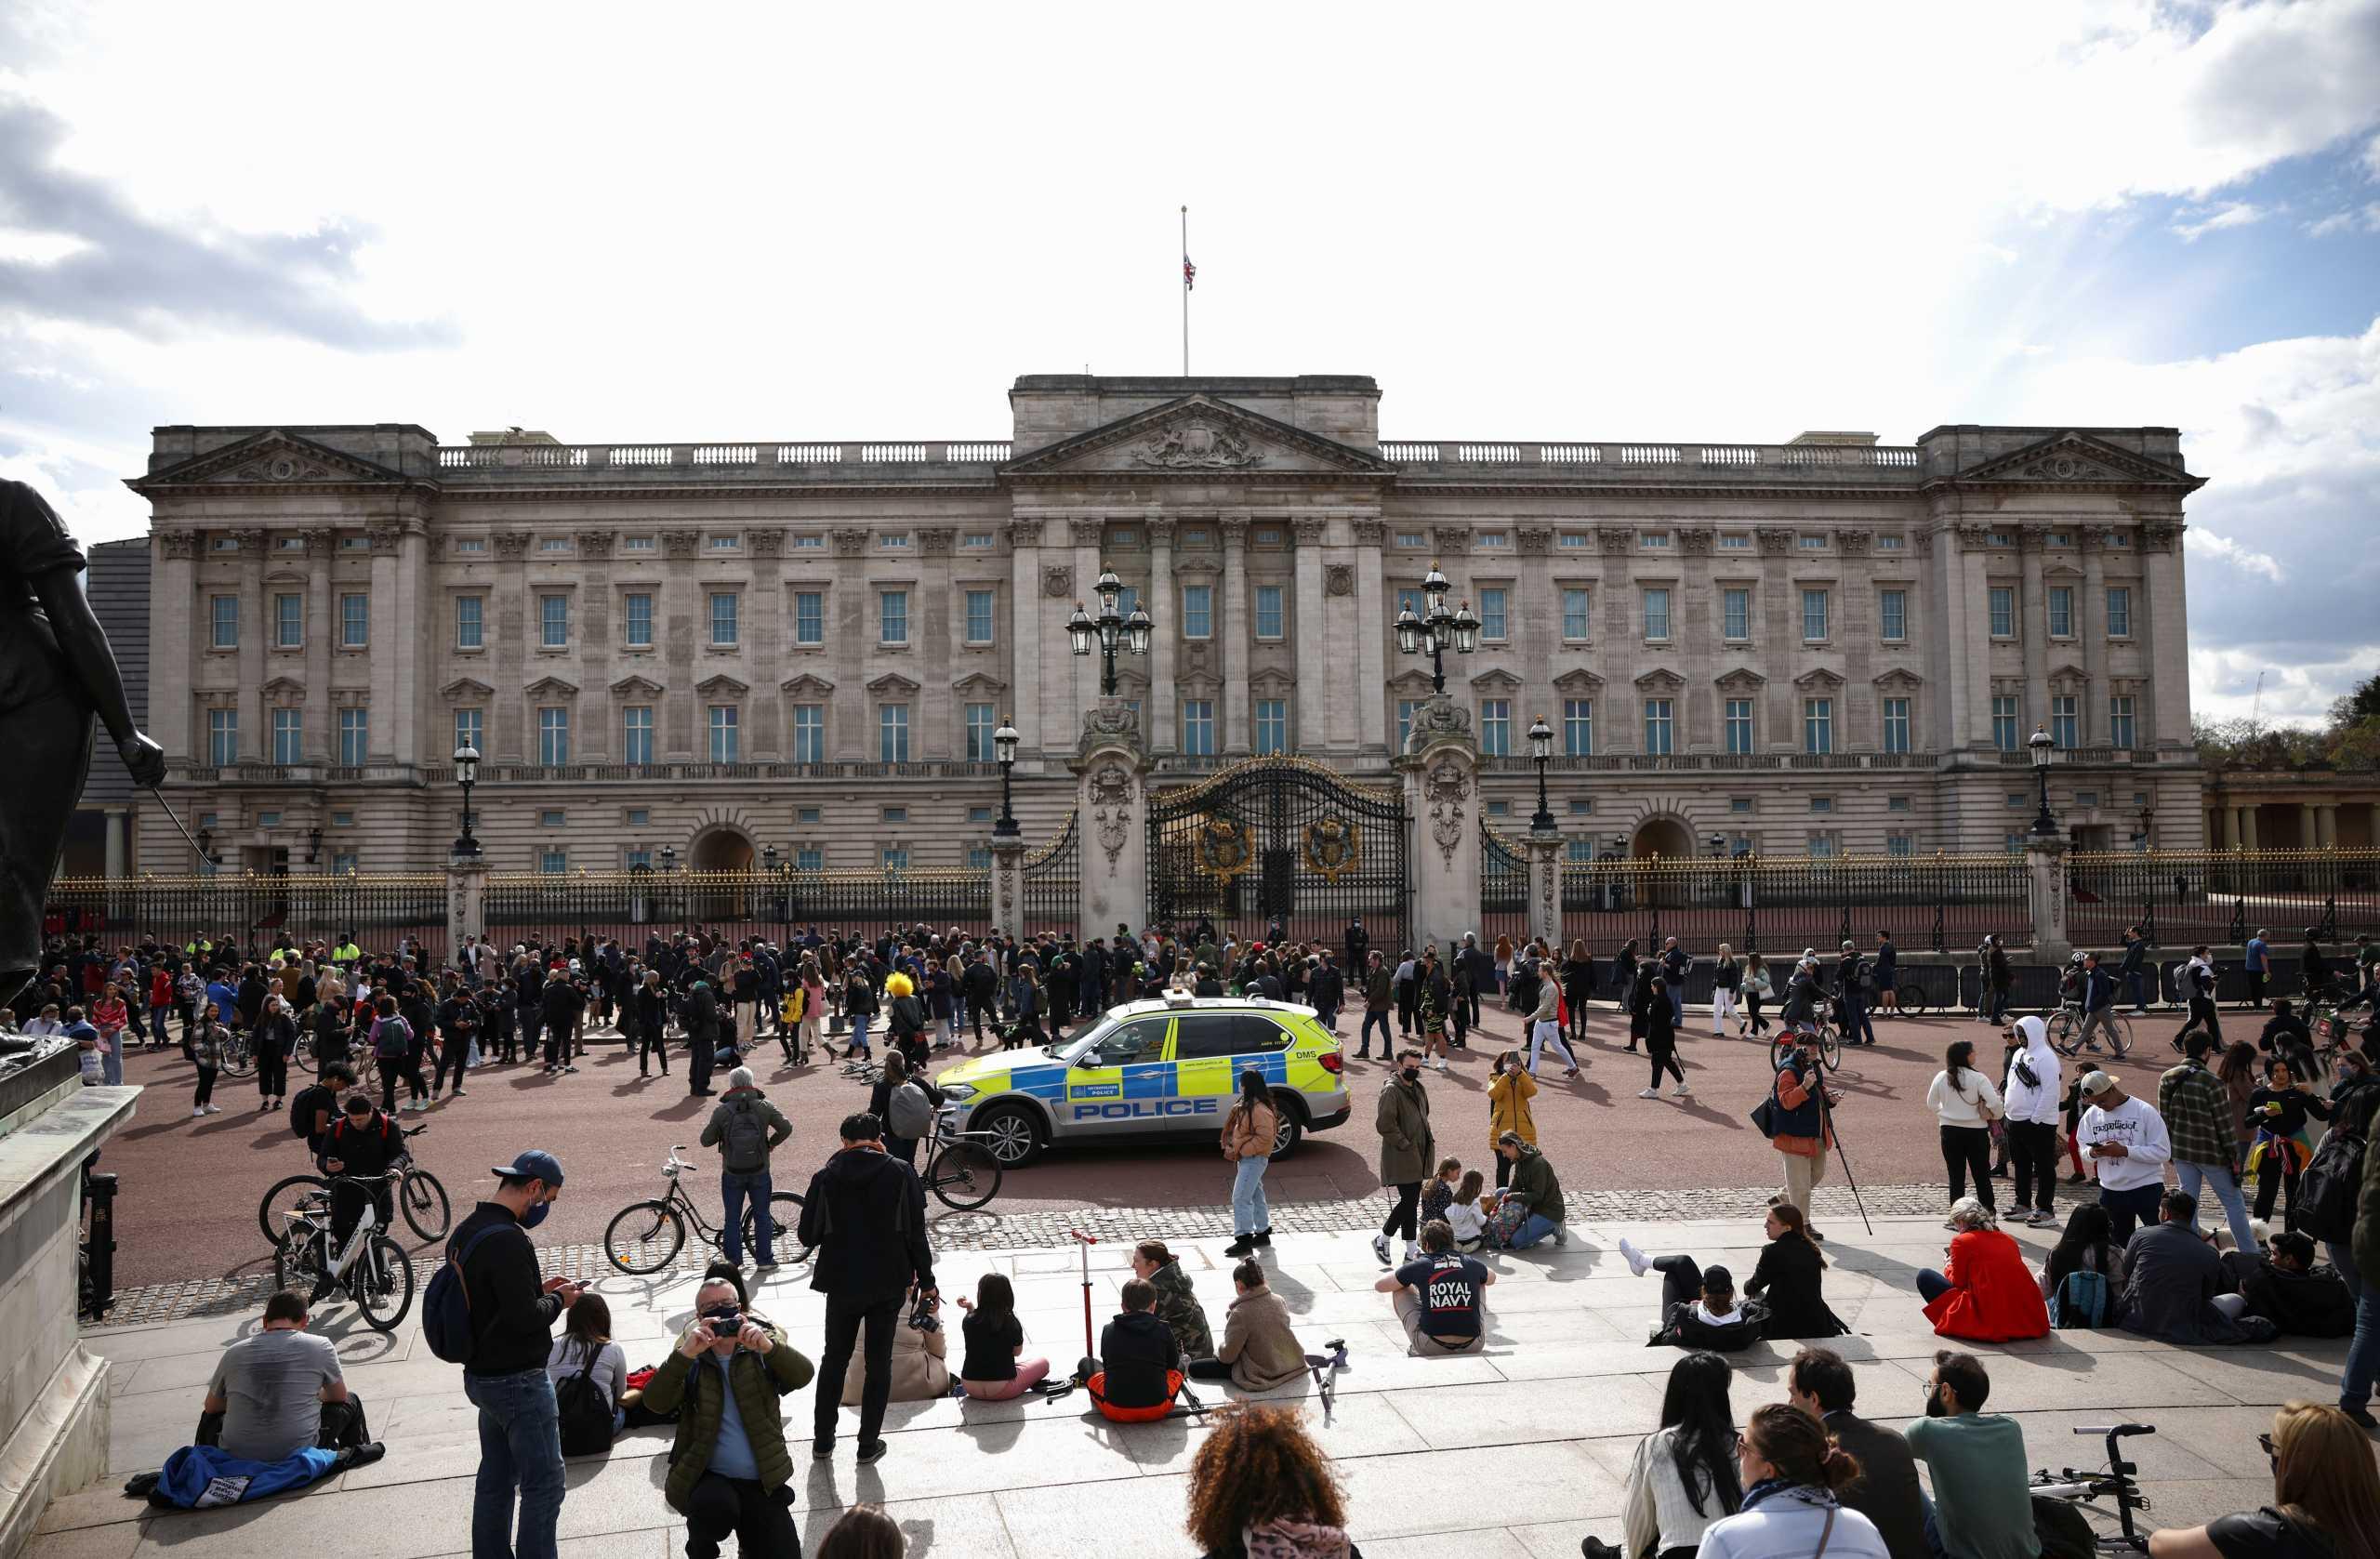 Πρίγκιπας Φίλιππος: Να μην συναθροίζονται έξω από τις βασιλικές κατοικίες καλεί τους πολίτες η κυβέρνηση (pics)